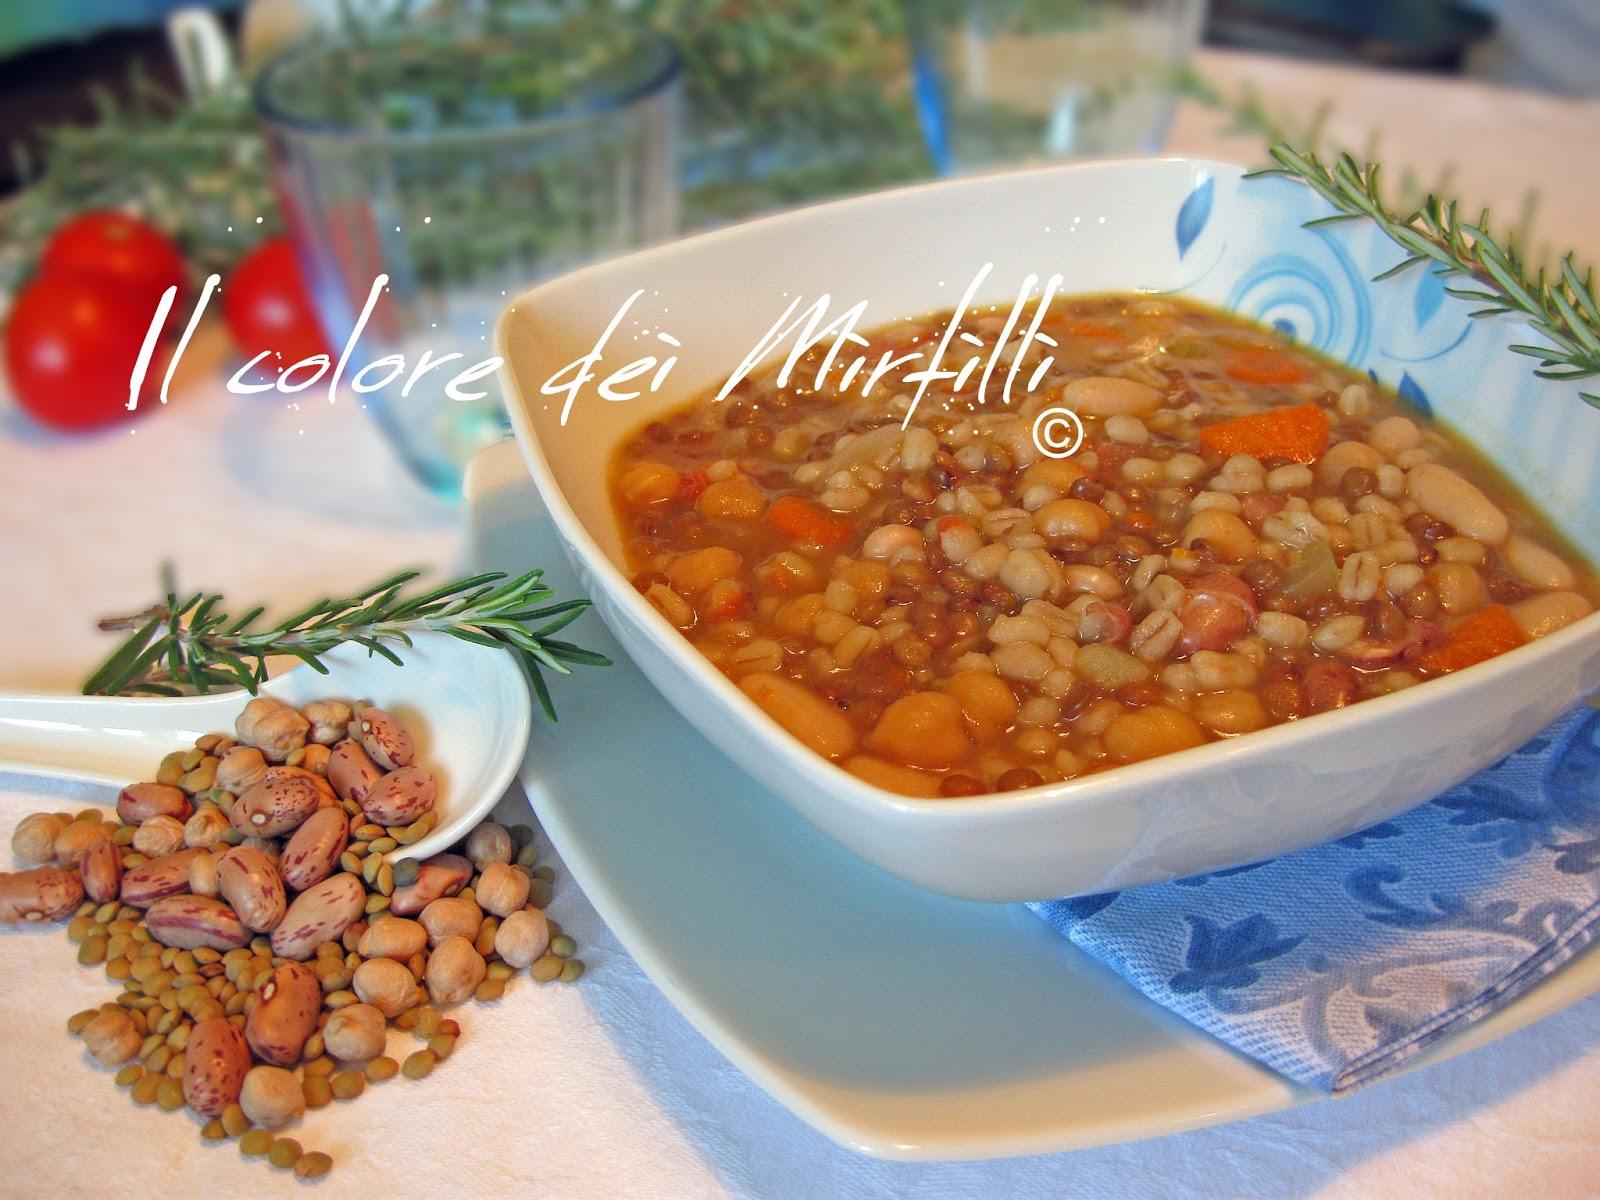 zuppa rustica, zuppa di legumi, orzo, zuppa, legumi, farro, ceci, lenticchie, fagioli, primo piatto, ricetta